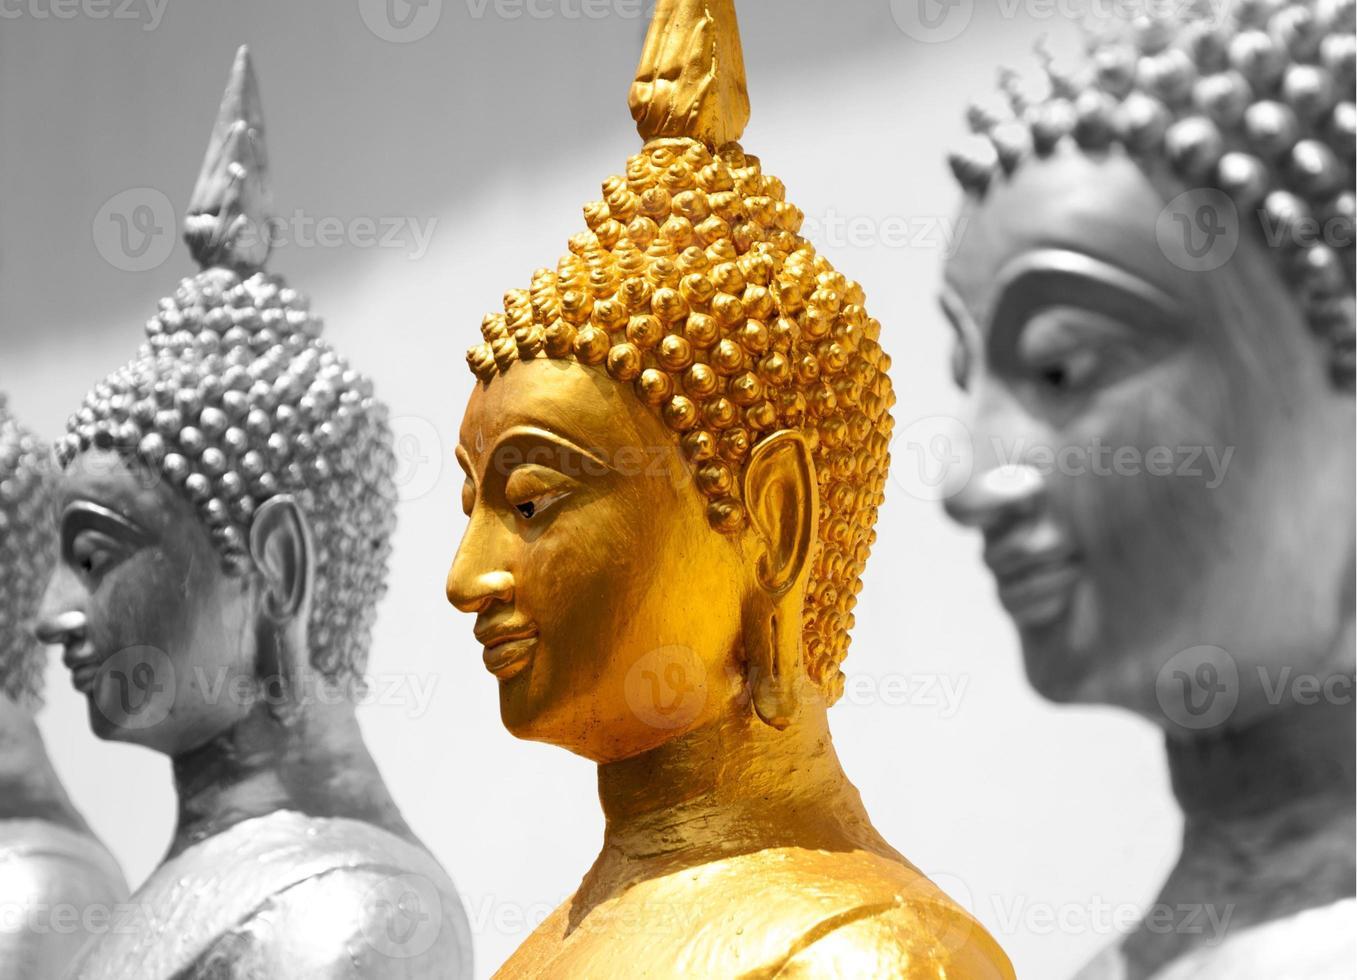 Aziatische tempels gebouwen en cultuur Cambodja foto